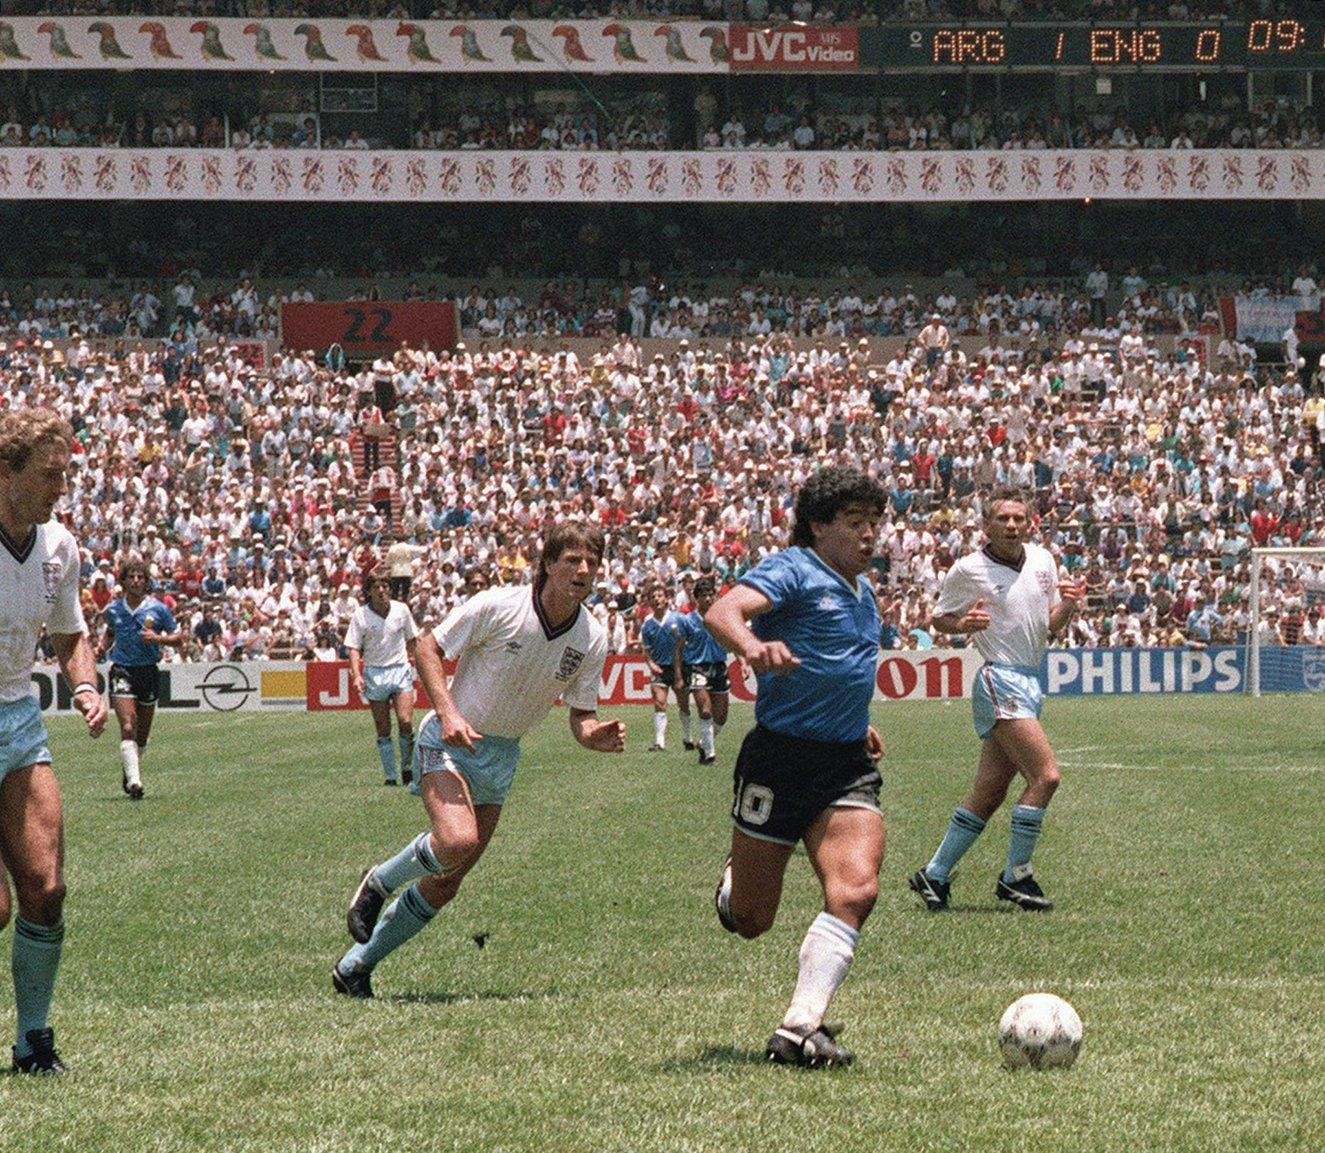 1986年6月22日,馬勒當拿(藍衣者)在世界盃賽上。(AFP)